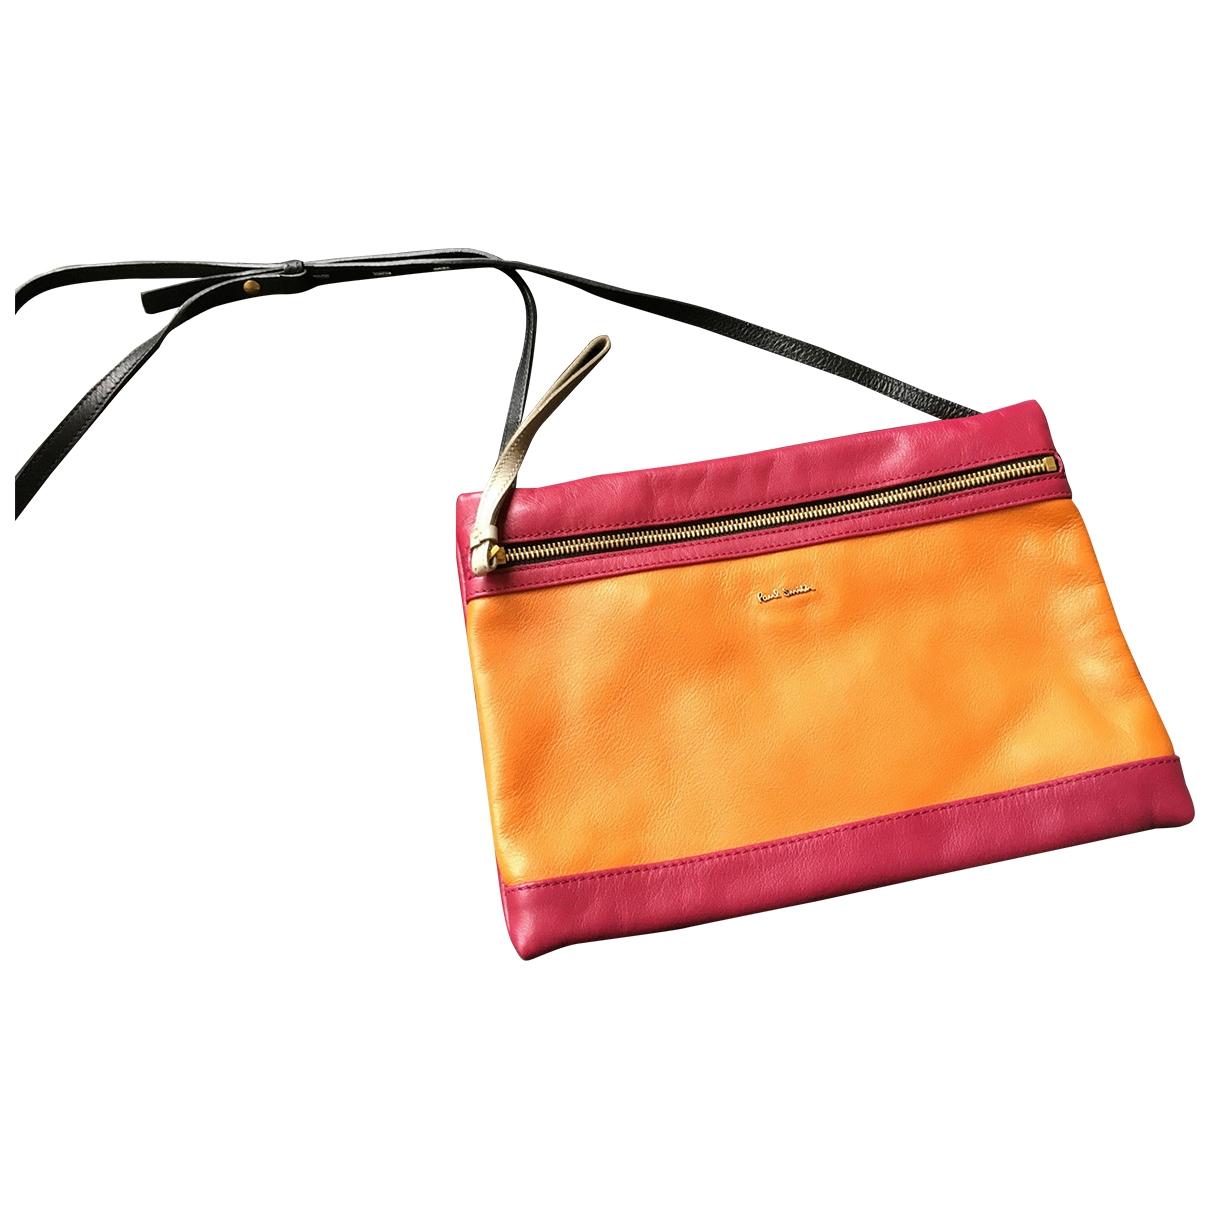 Paul Smith \N Handtasche in  Bunt Leder